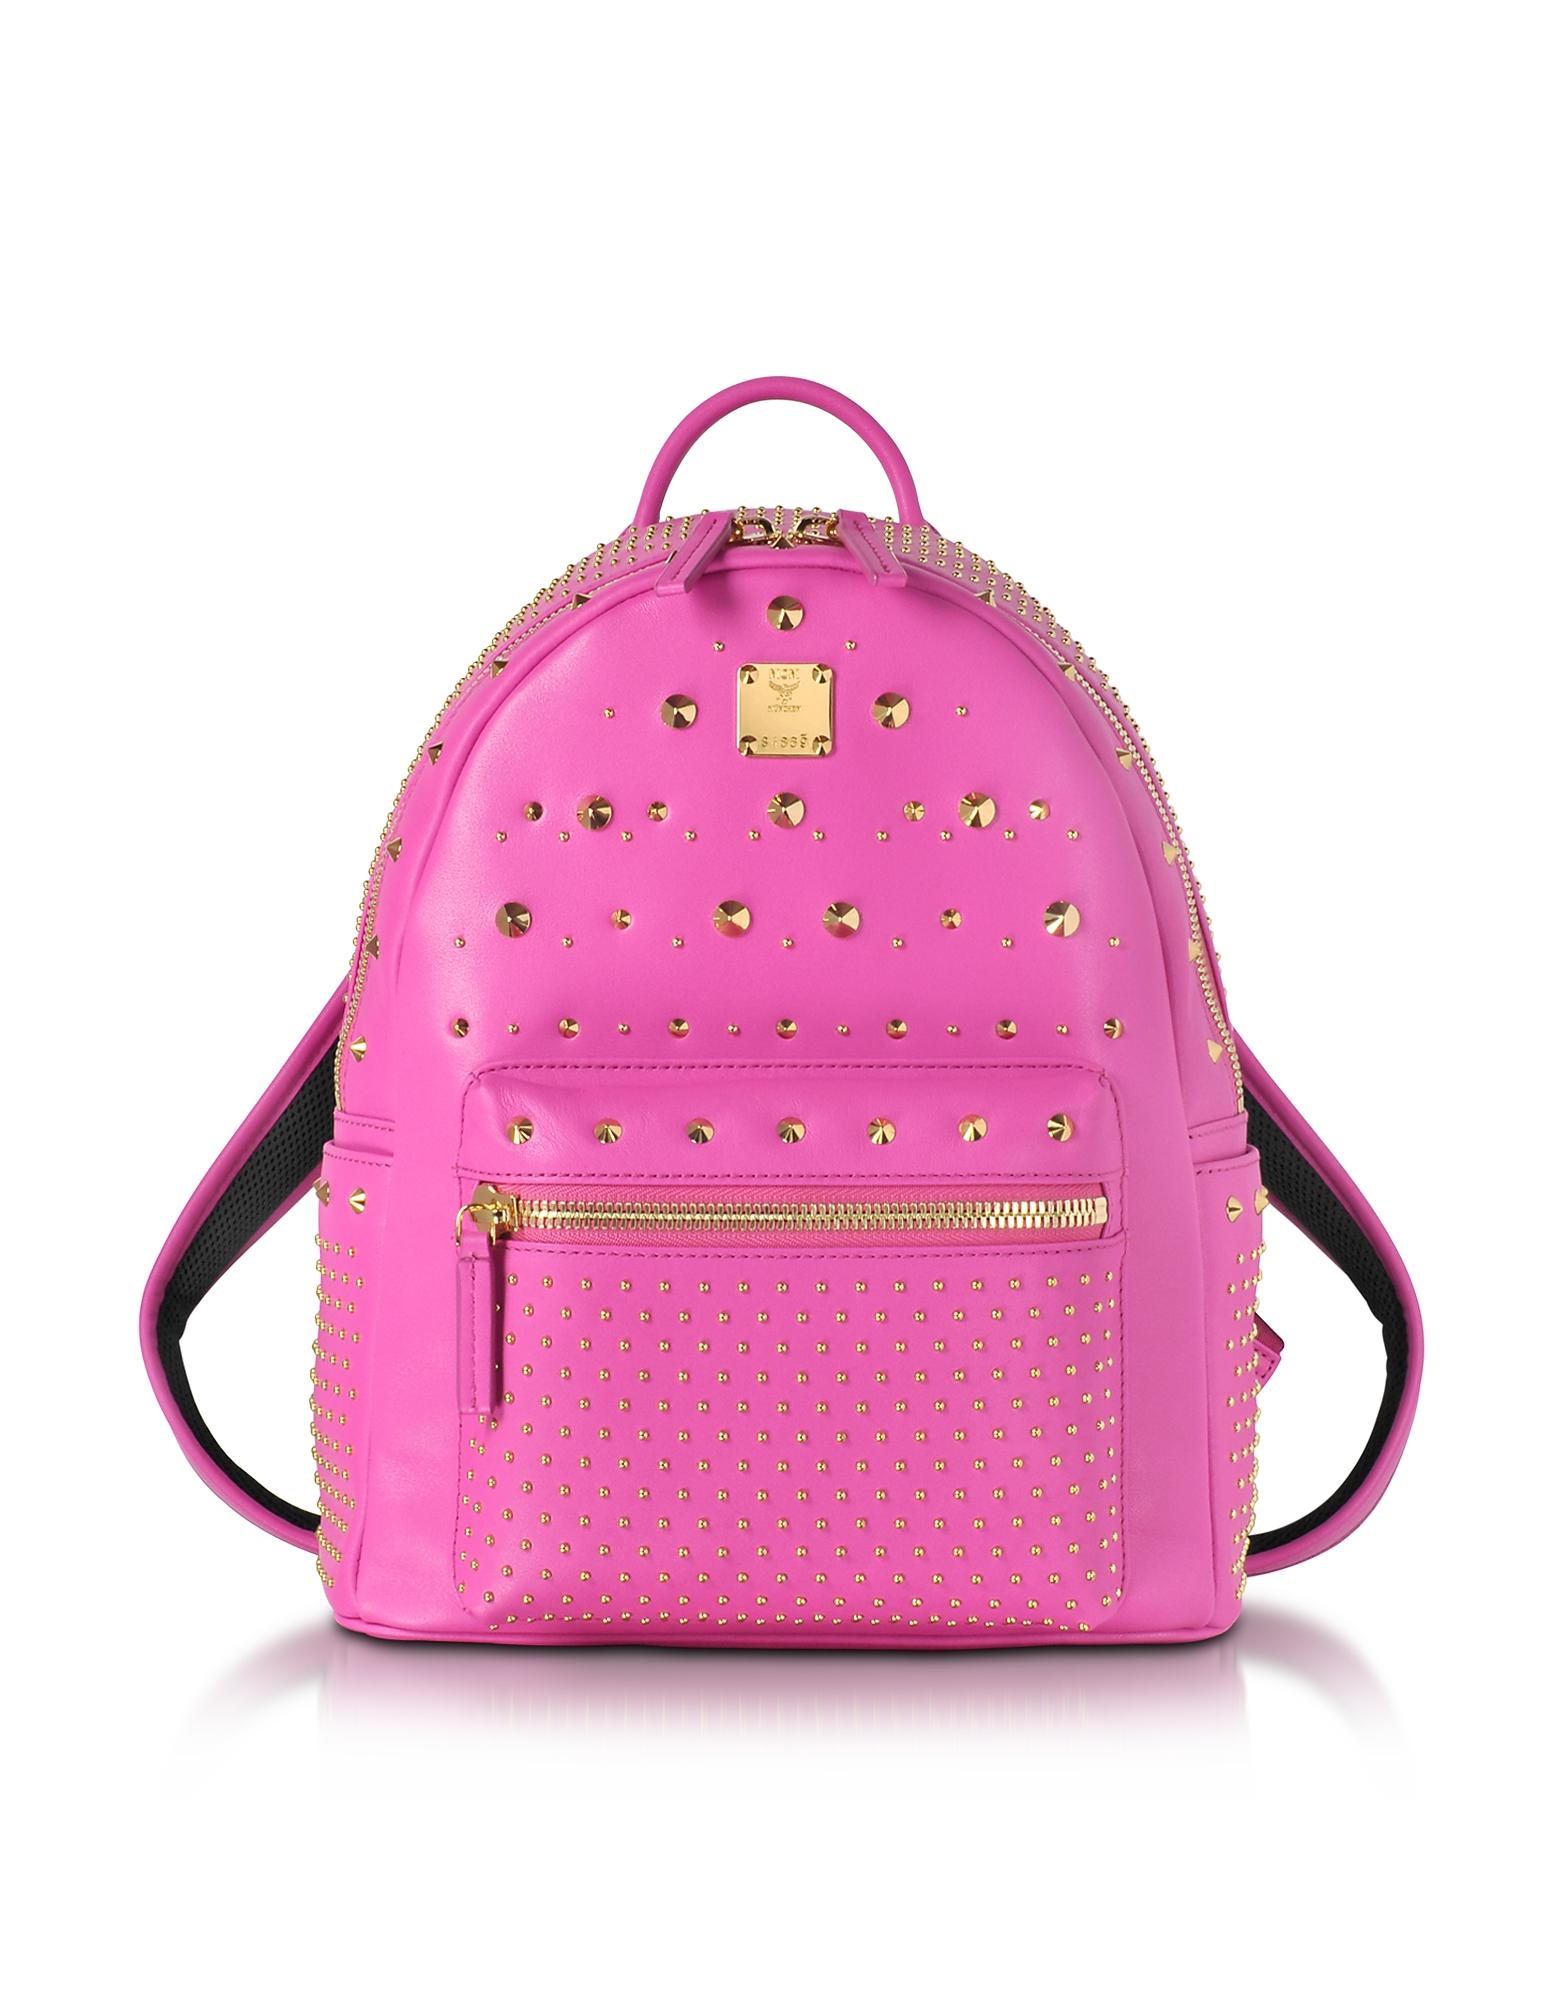 Фото Stark Special - Маленький Рюкзак из Кожи Ярко-Розового Цвета. Купить с доставкой